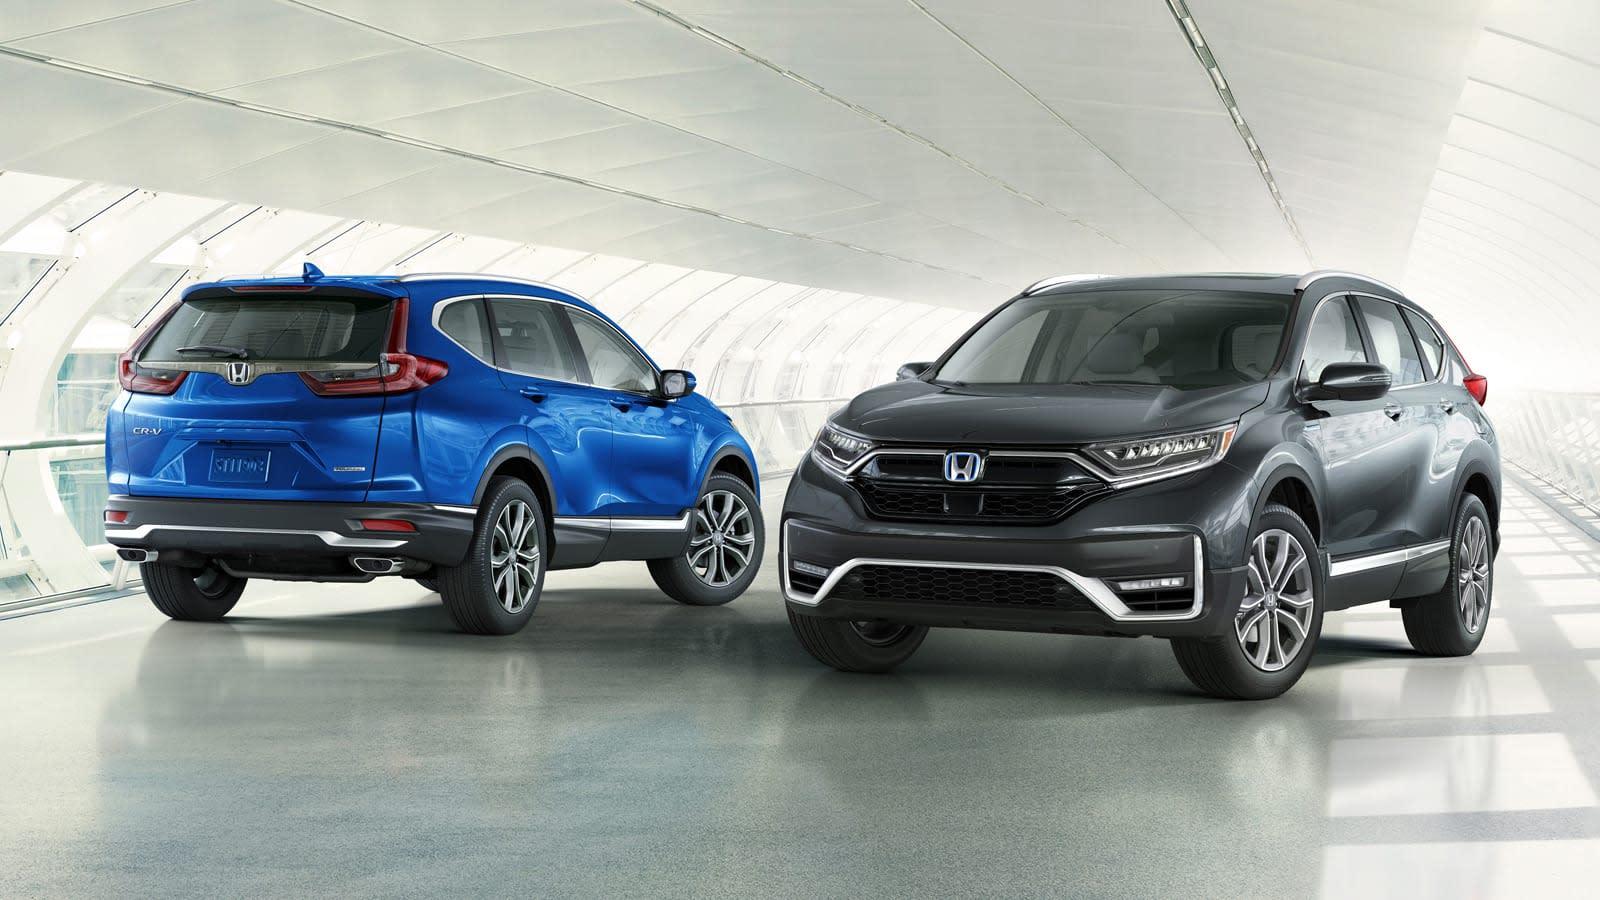 Kekurangan Suv Honda Top Model Tahun Ini